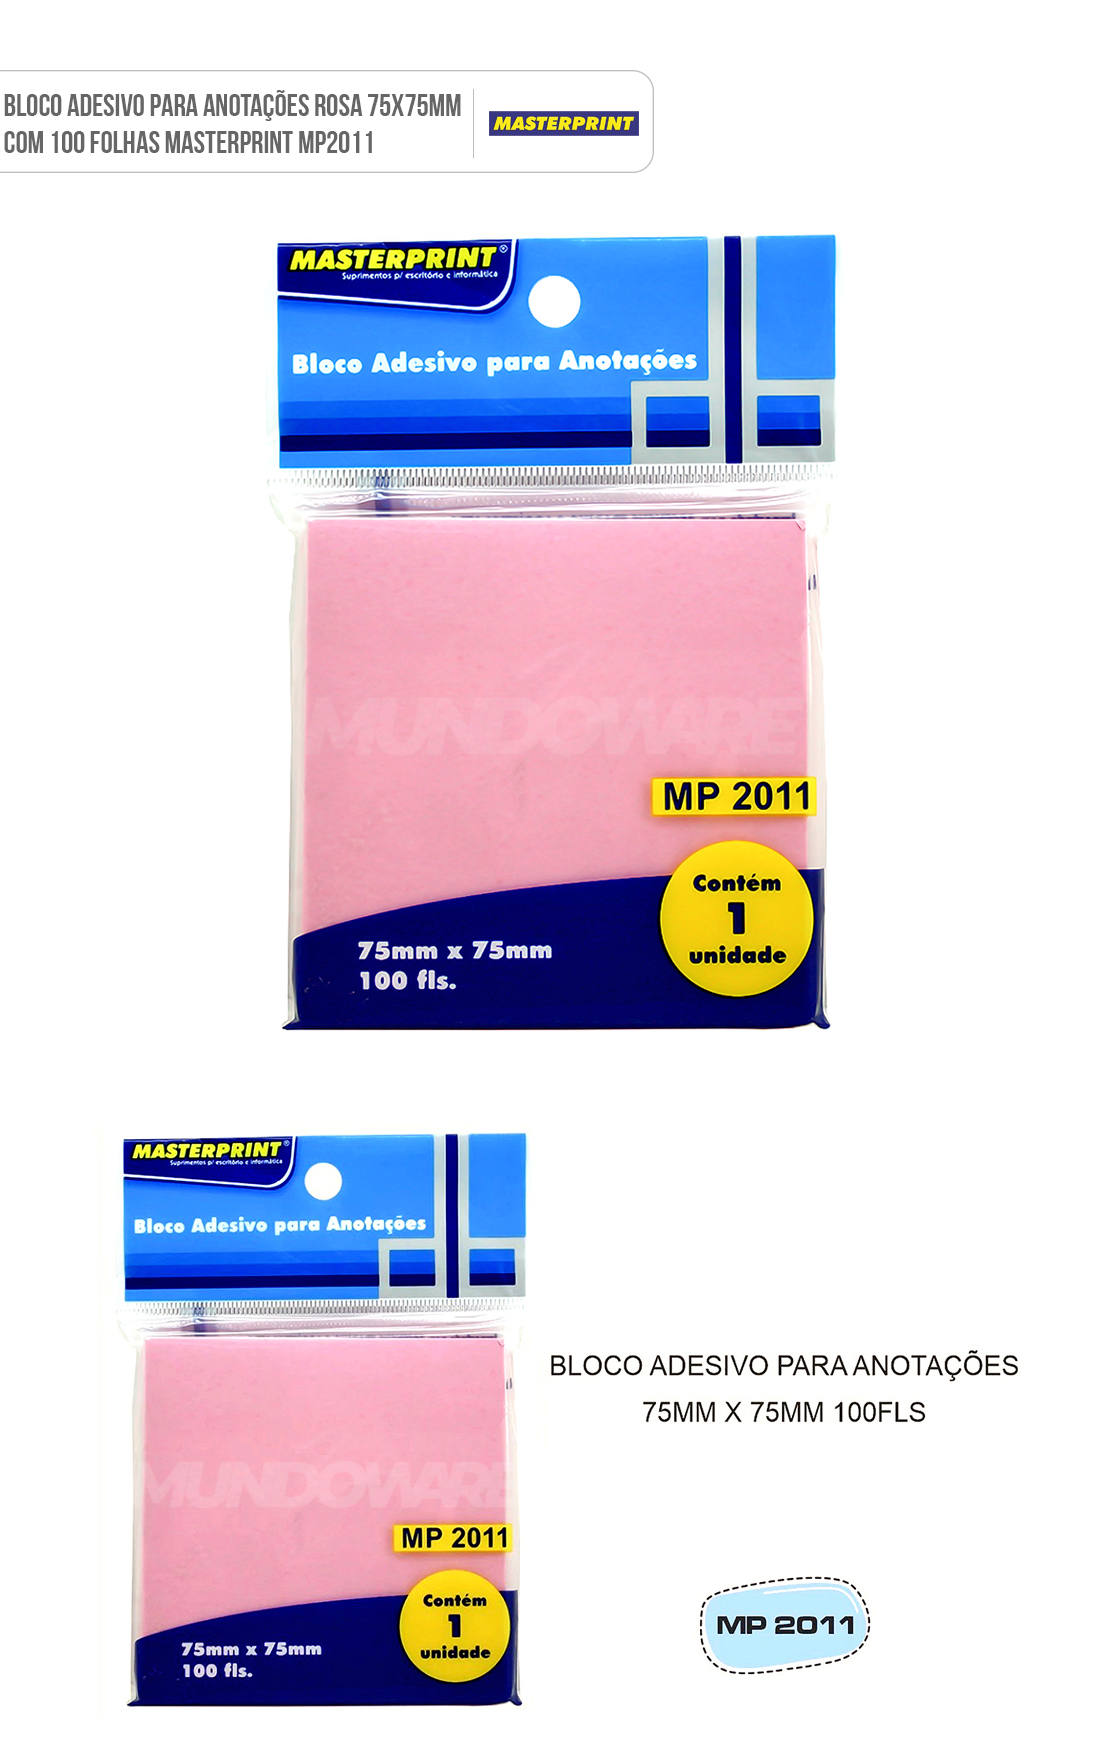 Bloco Adesivo para Anotações Rosa 75x75mm com 100 Folhas Masterprint MP2011